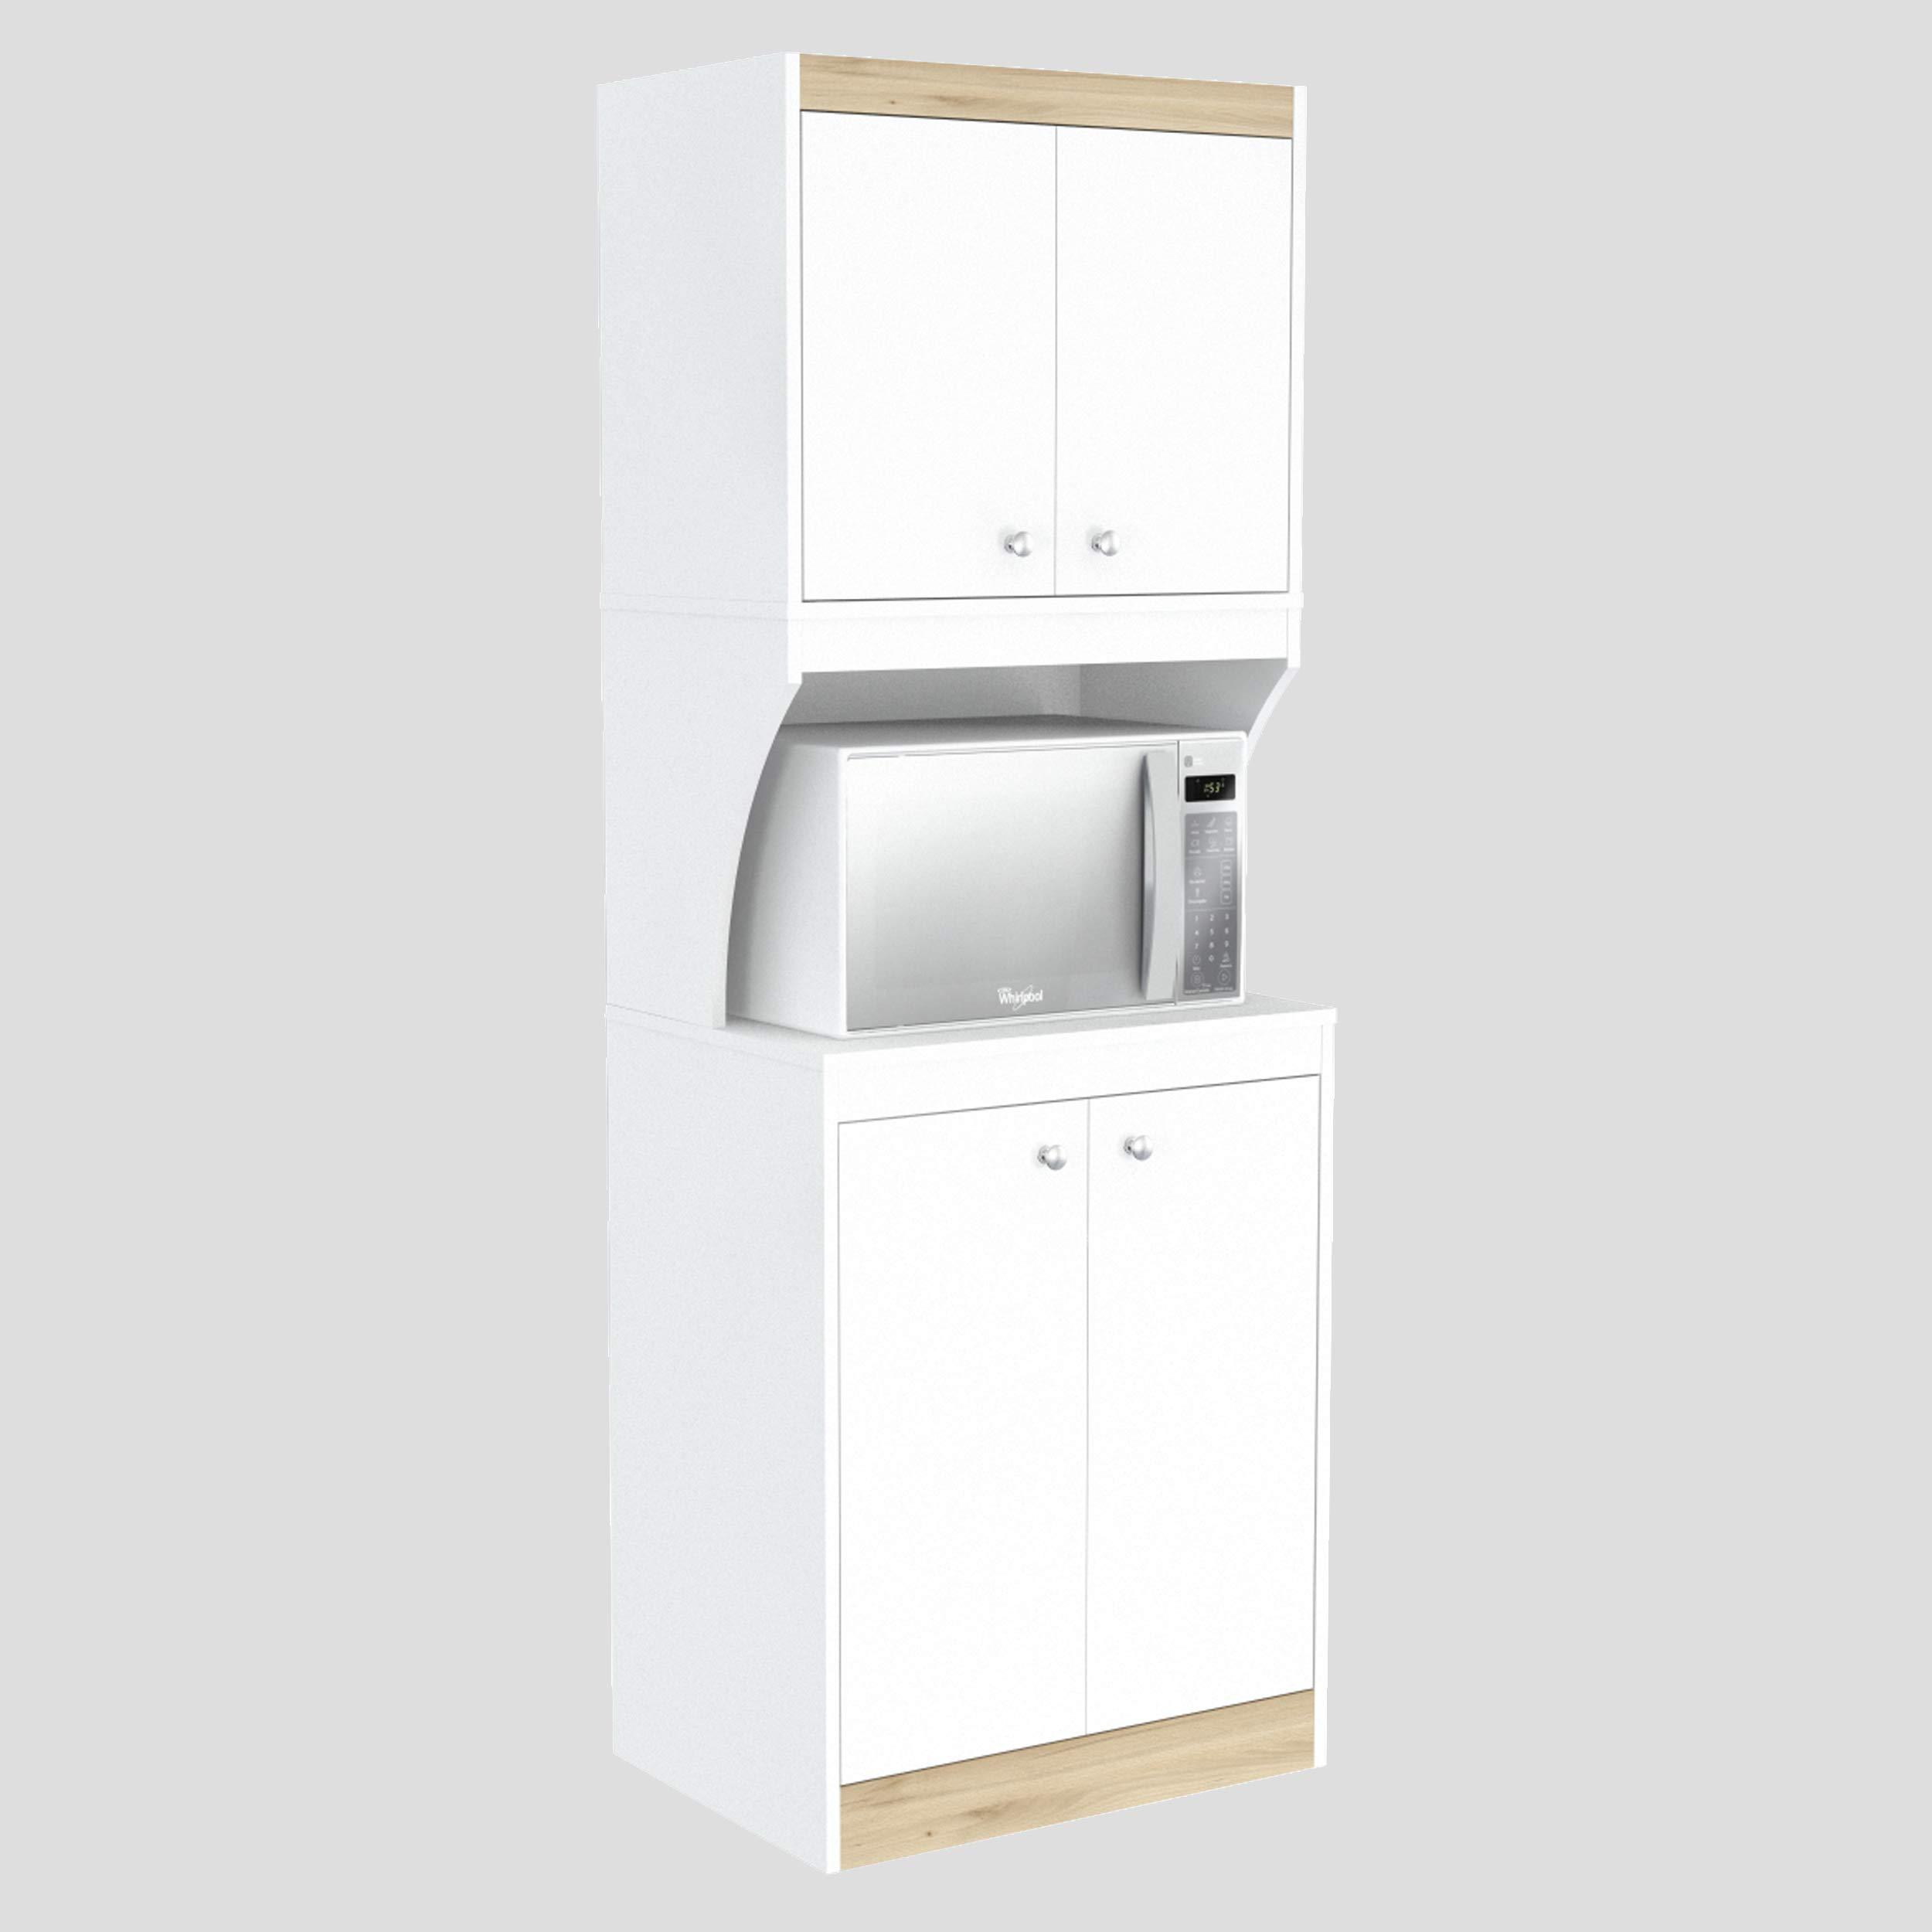 Inval AL-3513 Galley Kitchen/Microwave 4-Door Storage Cabinet, White & Vienes Oak